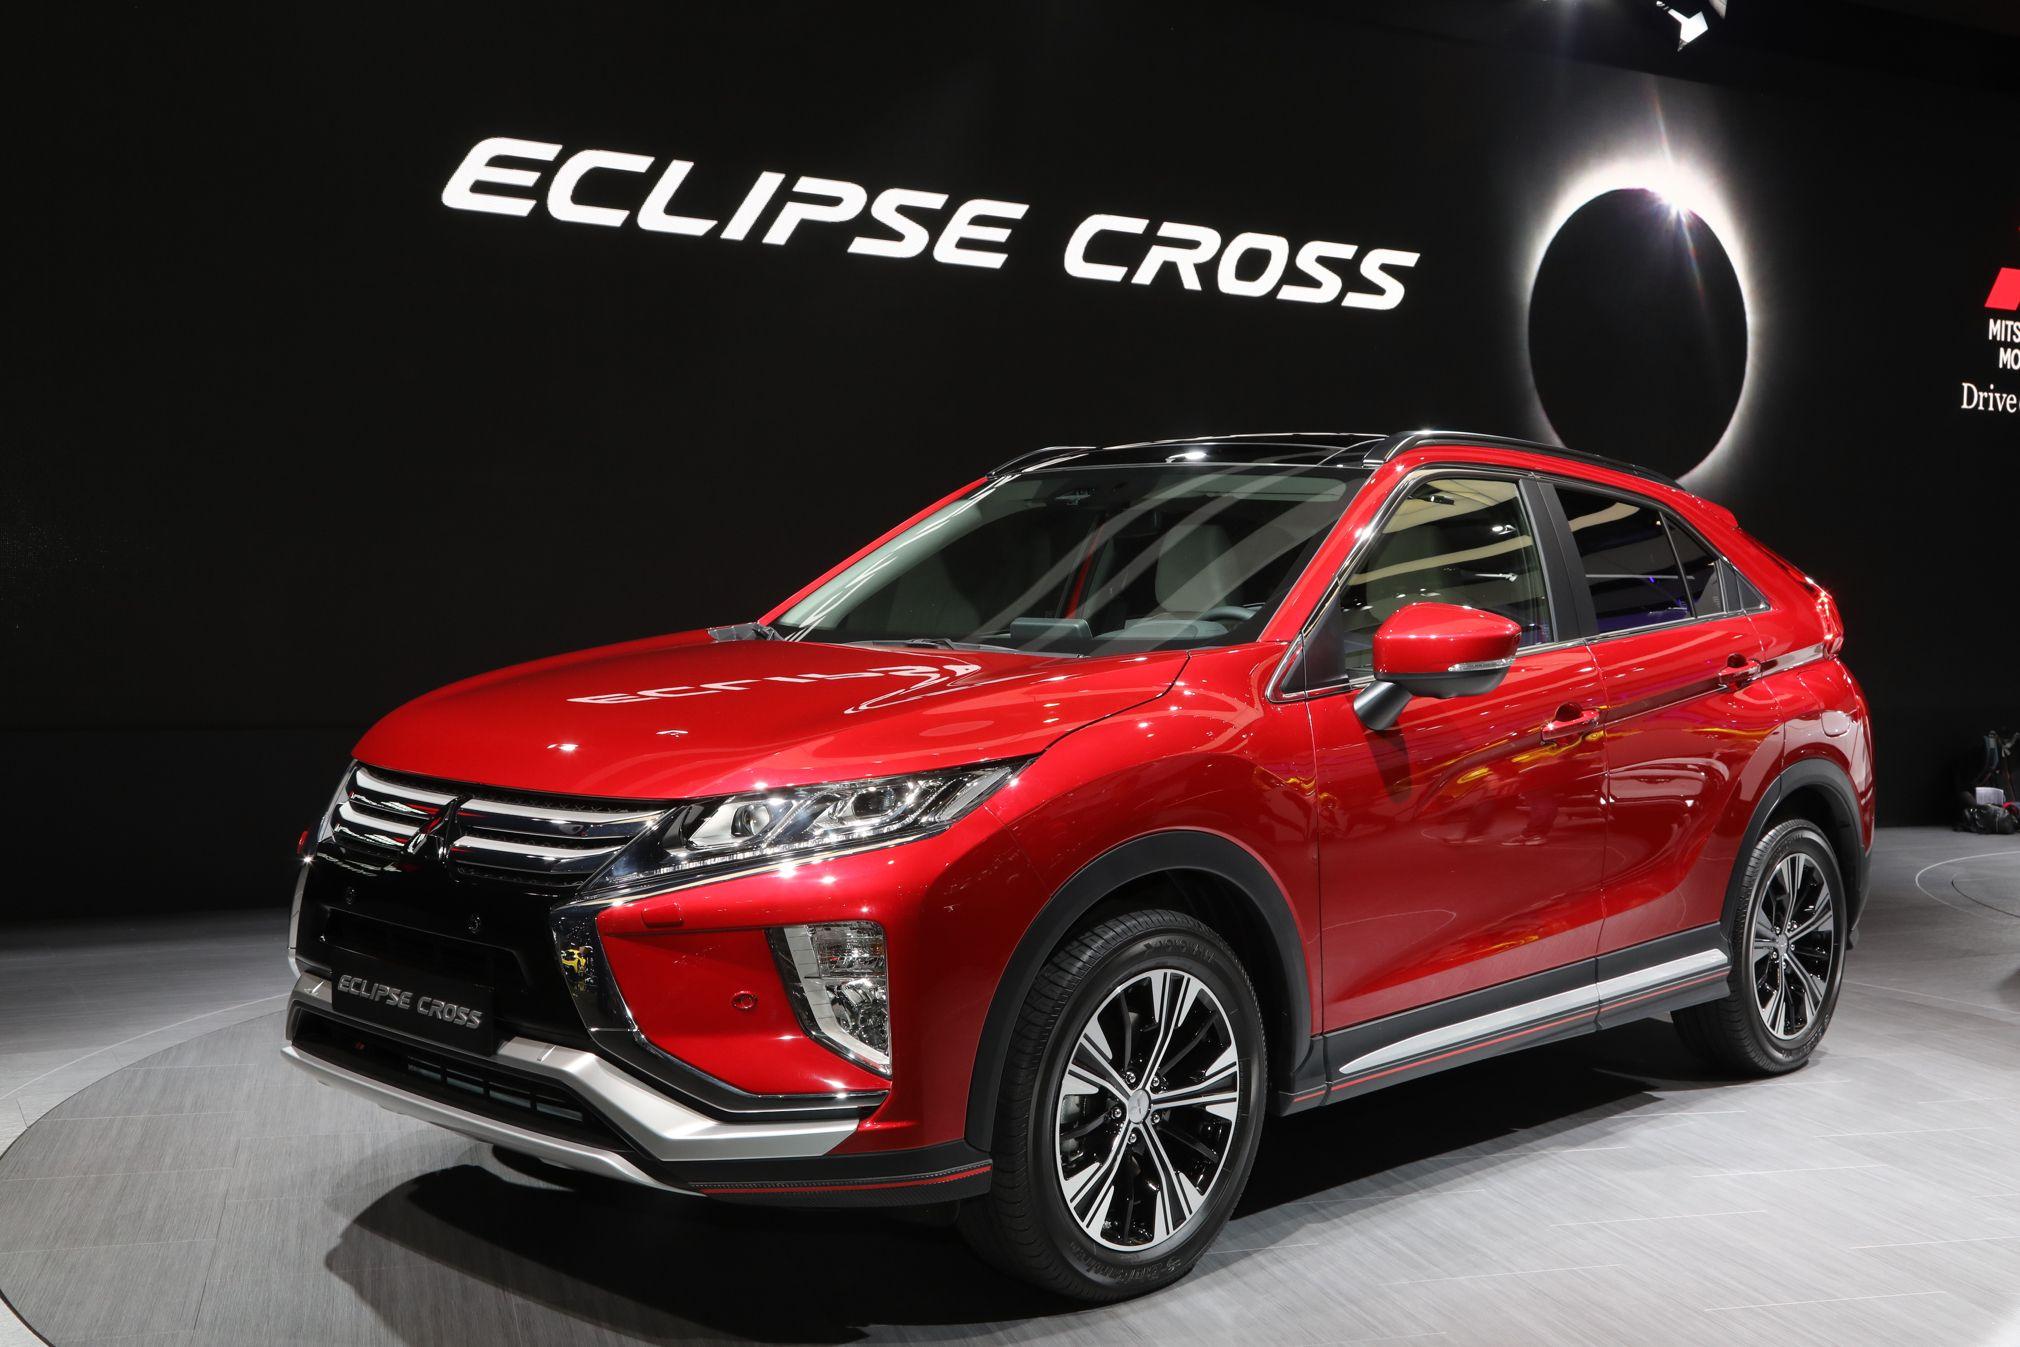 Pin Oleh Tigaipstujuh Delapanempat Di 2018 Mitsubishi Eclipse Cross Engine And Price